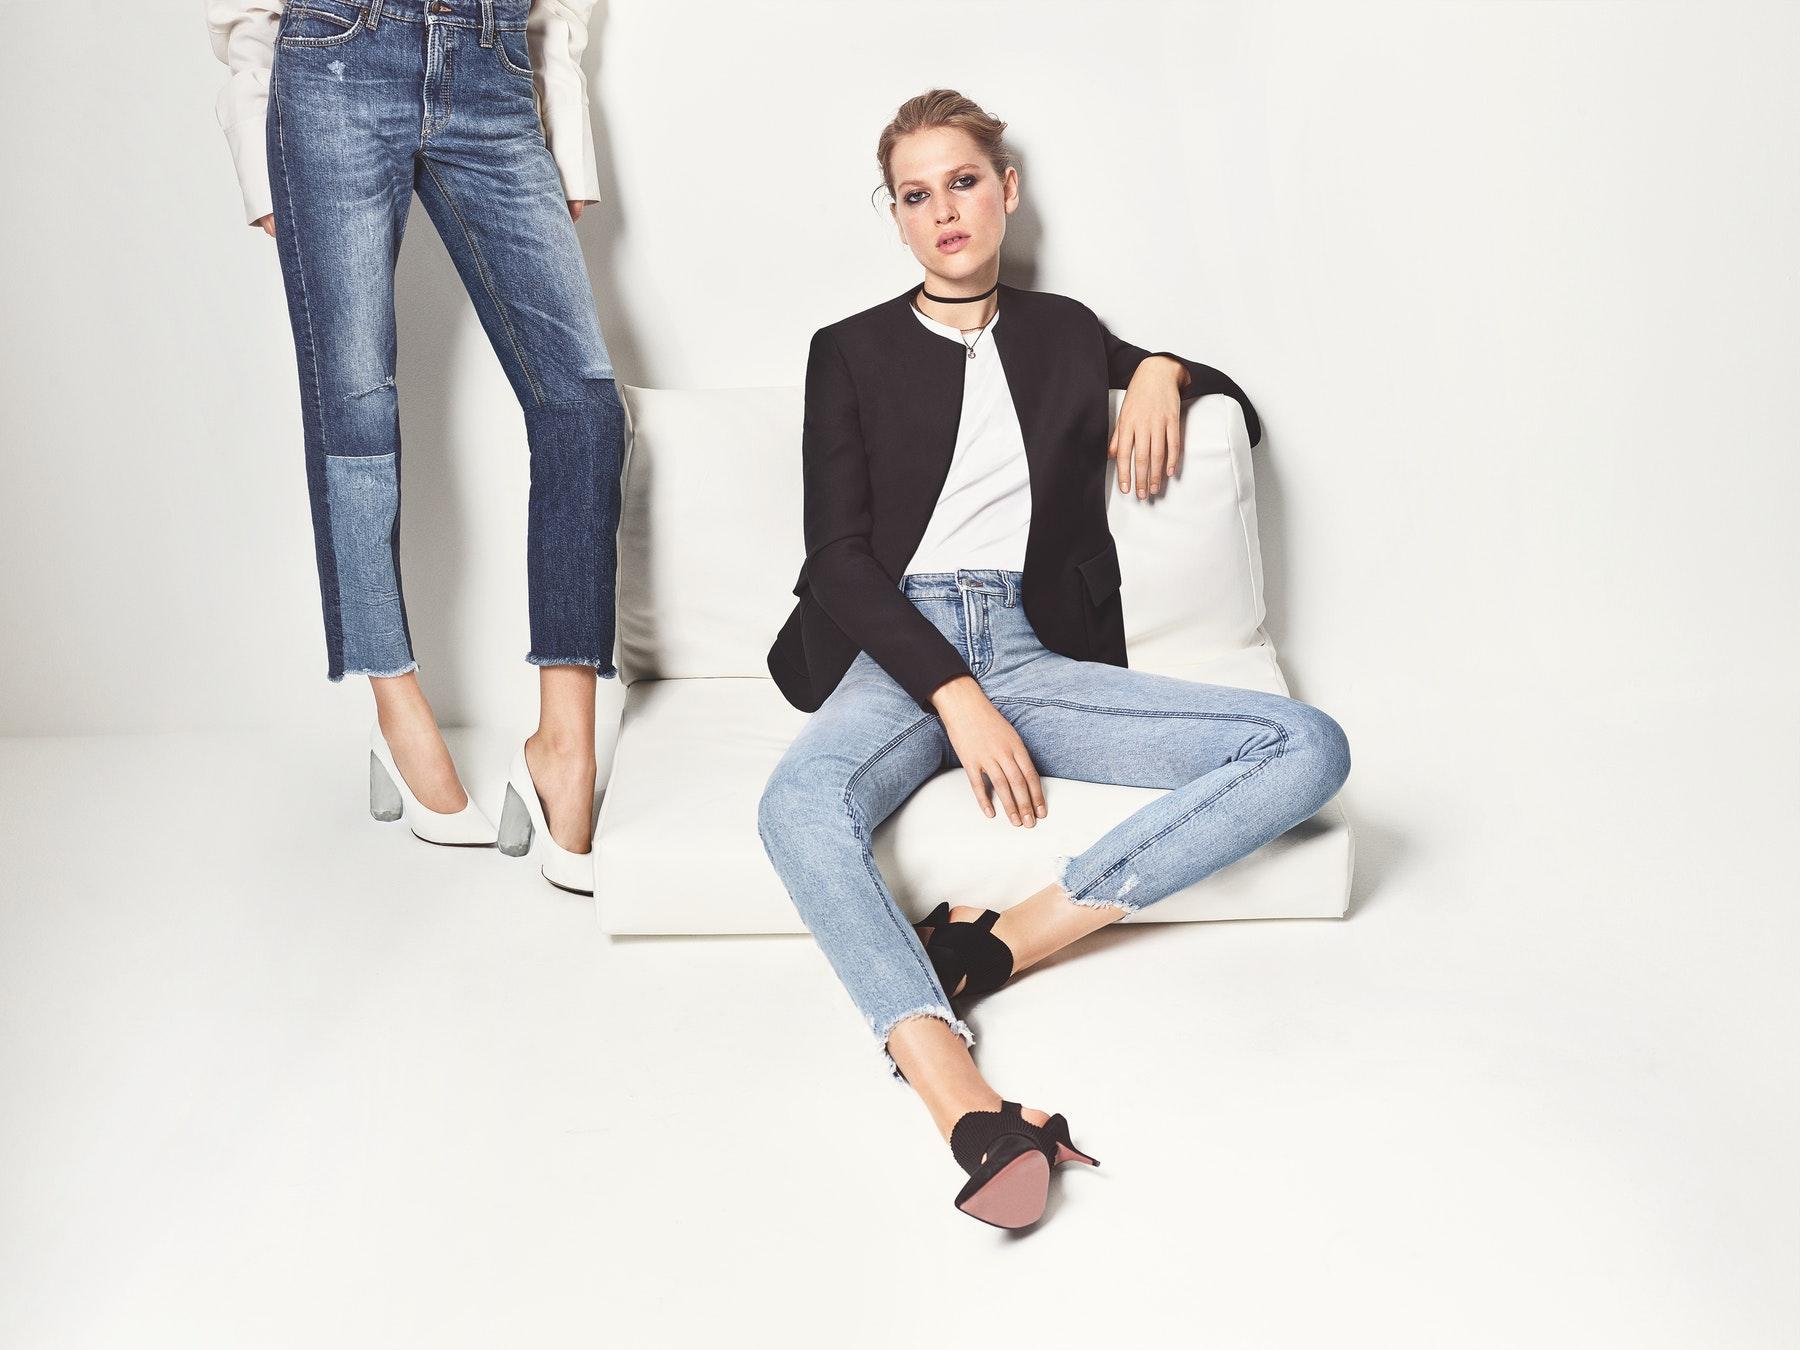 6c07ee1bdb6421 Немає речі практичніше, ніж модні джинси, які хоча б в двох-трьох варіантах  завжди присутні в шафі у будь-якої жінки.